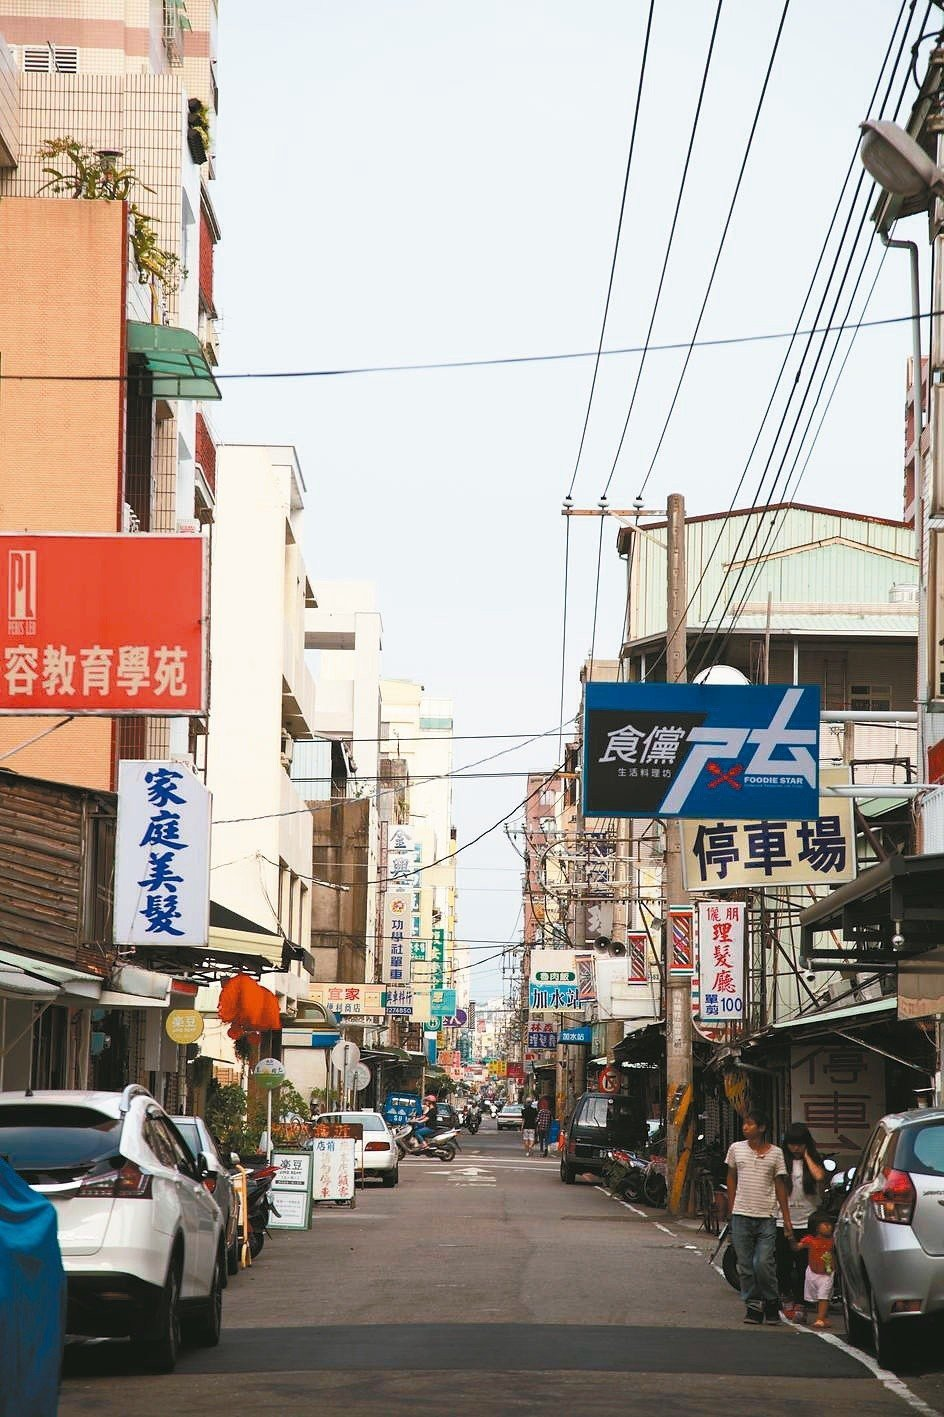 在高樓與矮房之間,嘉義市的天際線。 (圖/吳慧禎攝影)